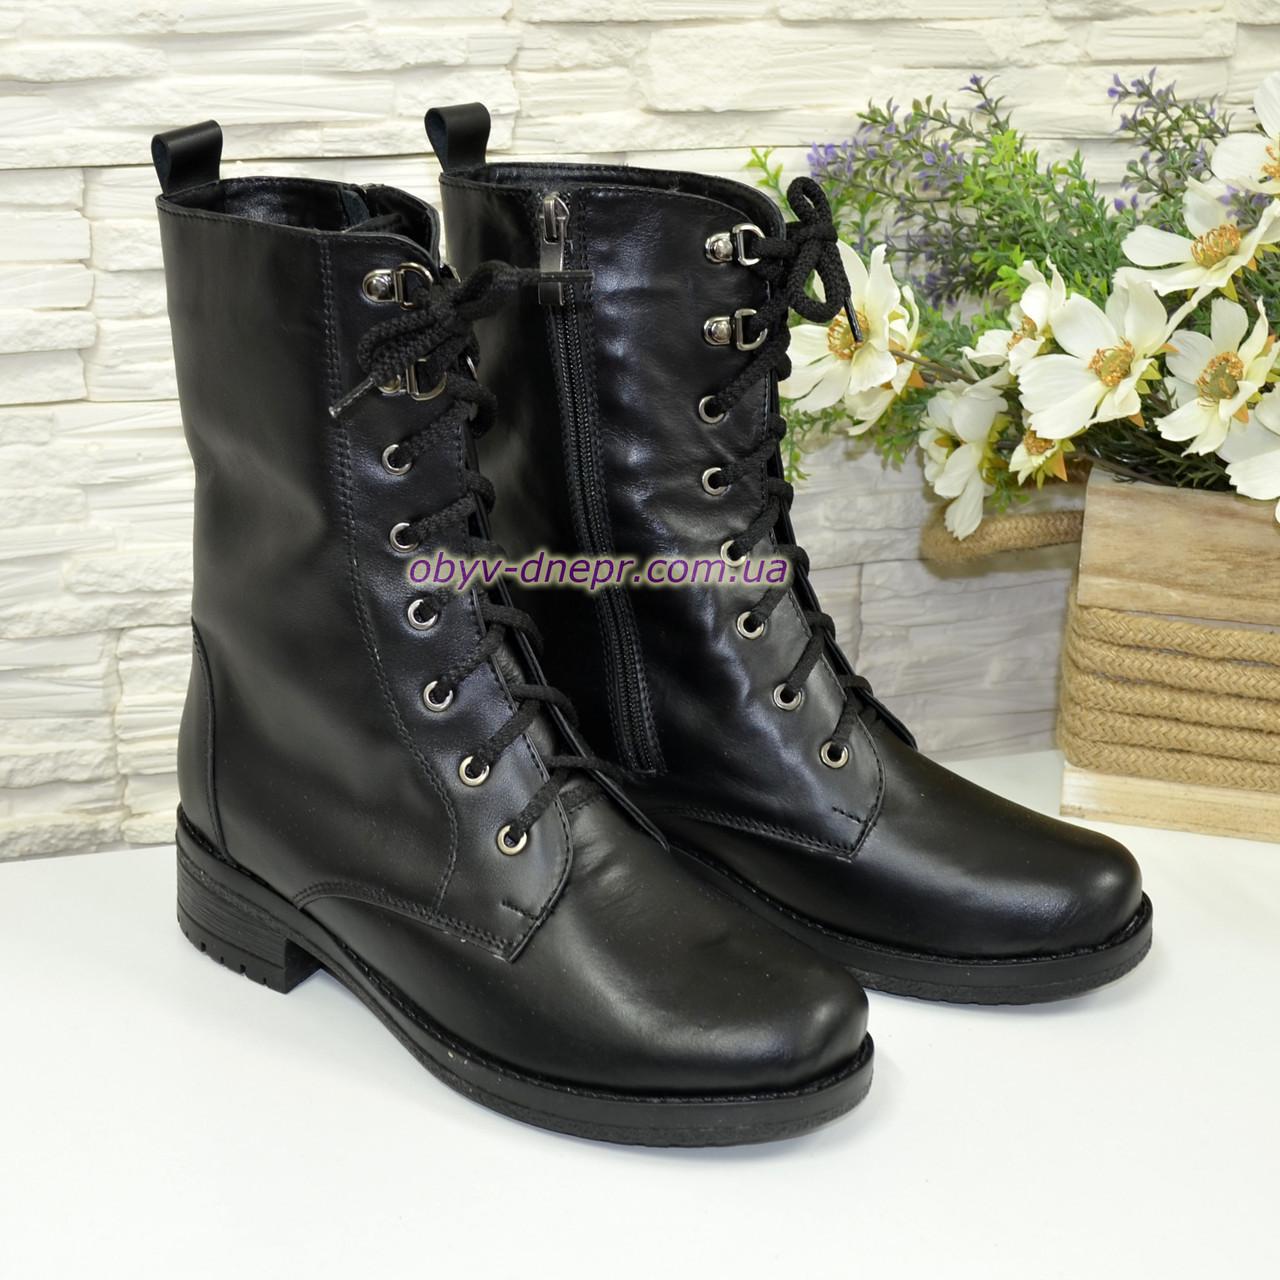 a3345cc7 Стильные кожаные зимние ботинки на низком ходу, на шнурках: продажа ...